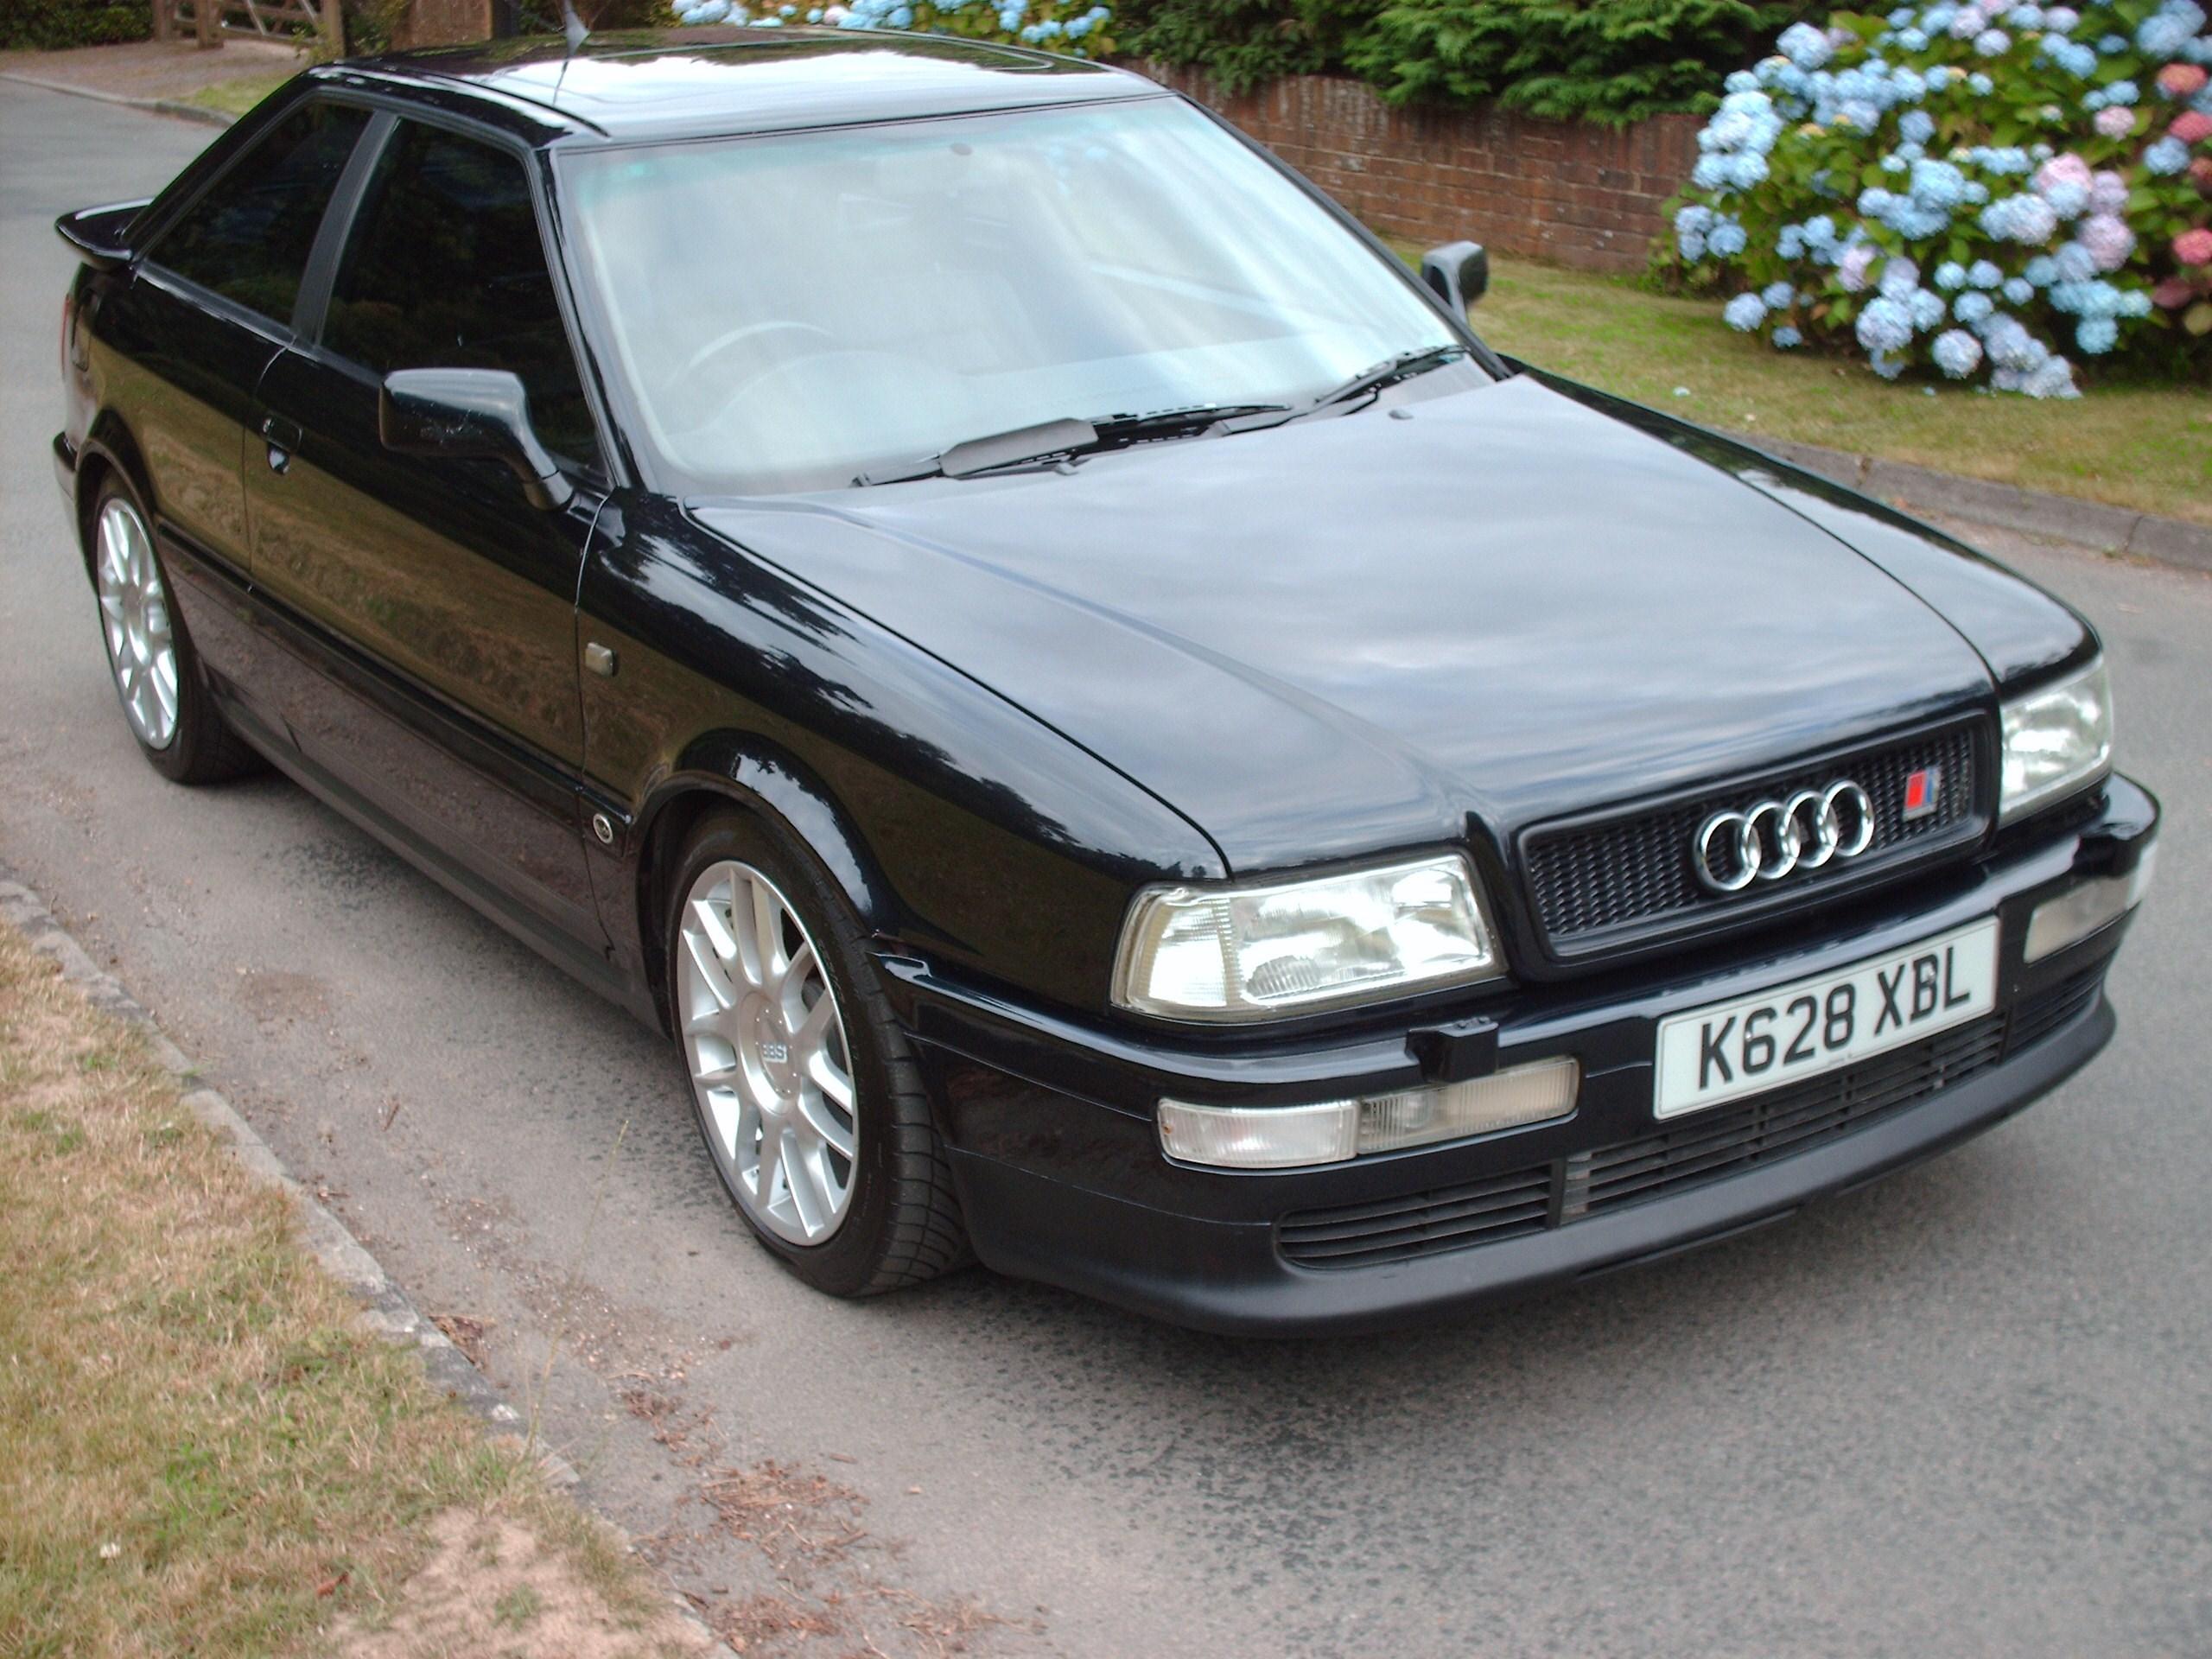 My Audi S2 Coupe! - Sale - Cars - nissansportz